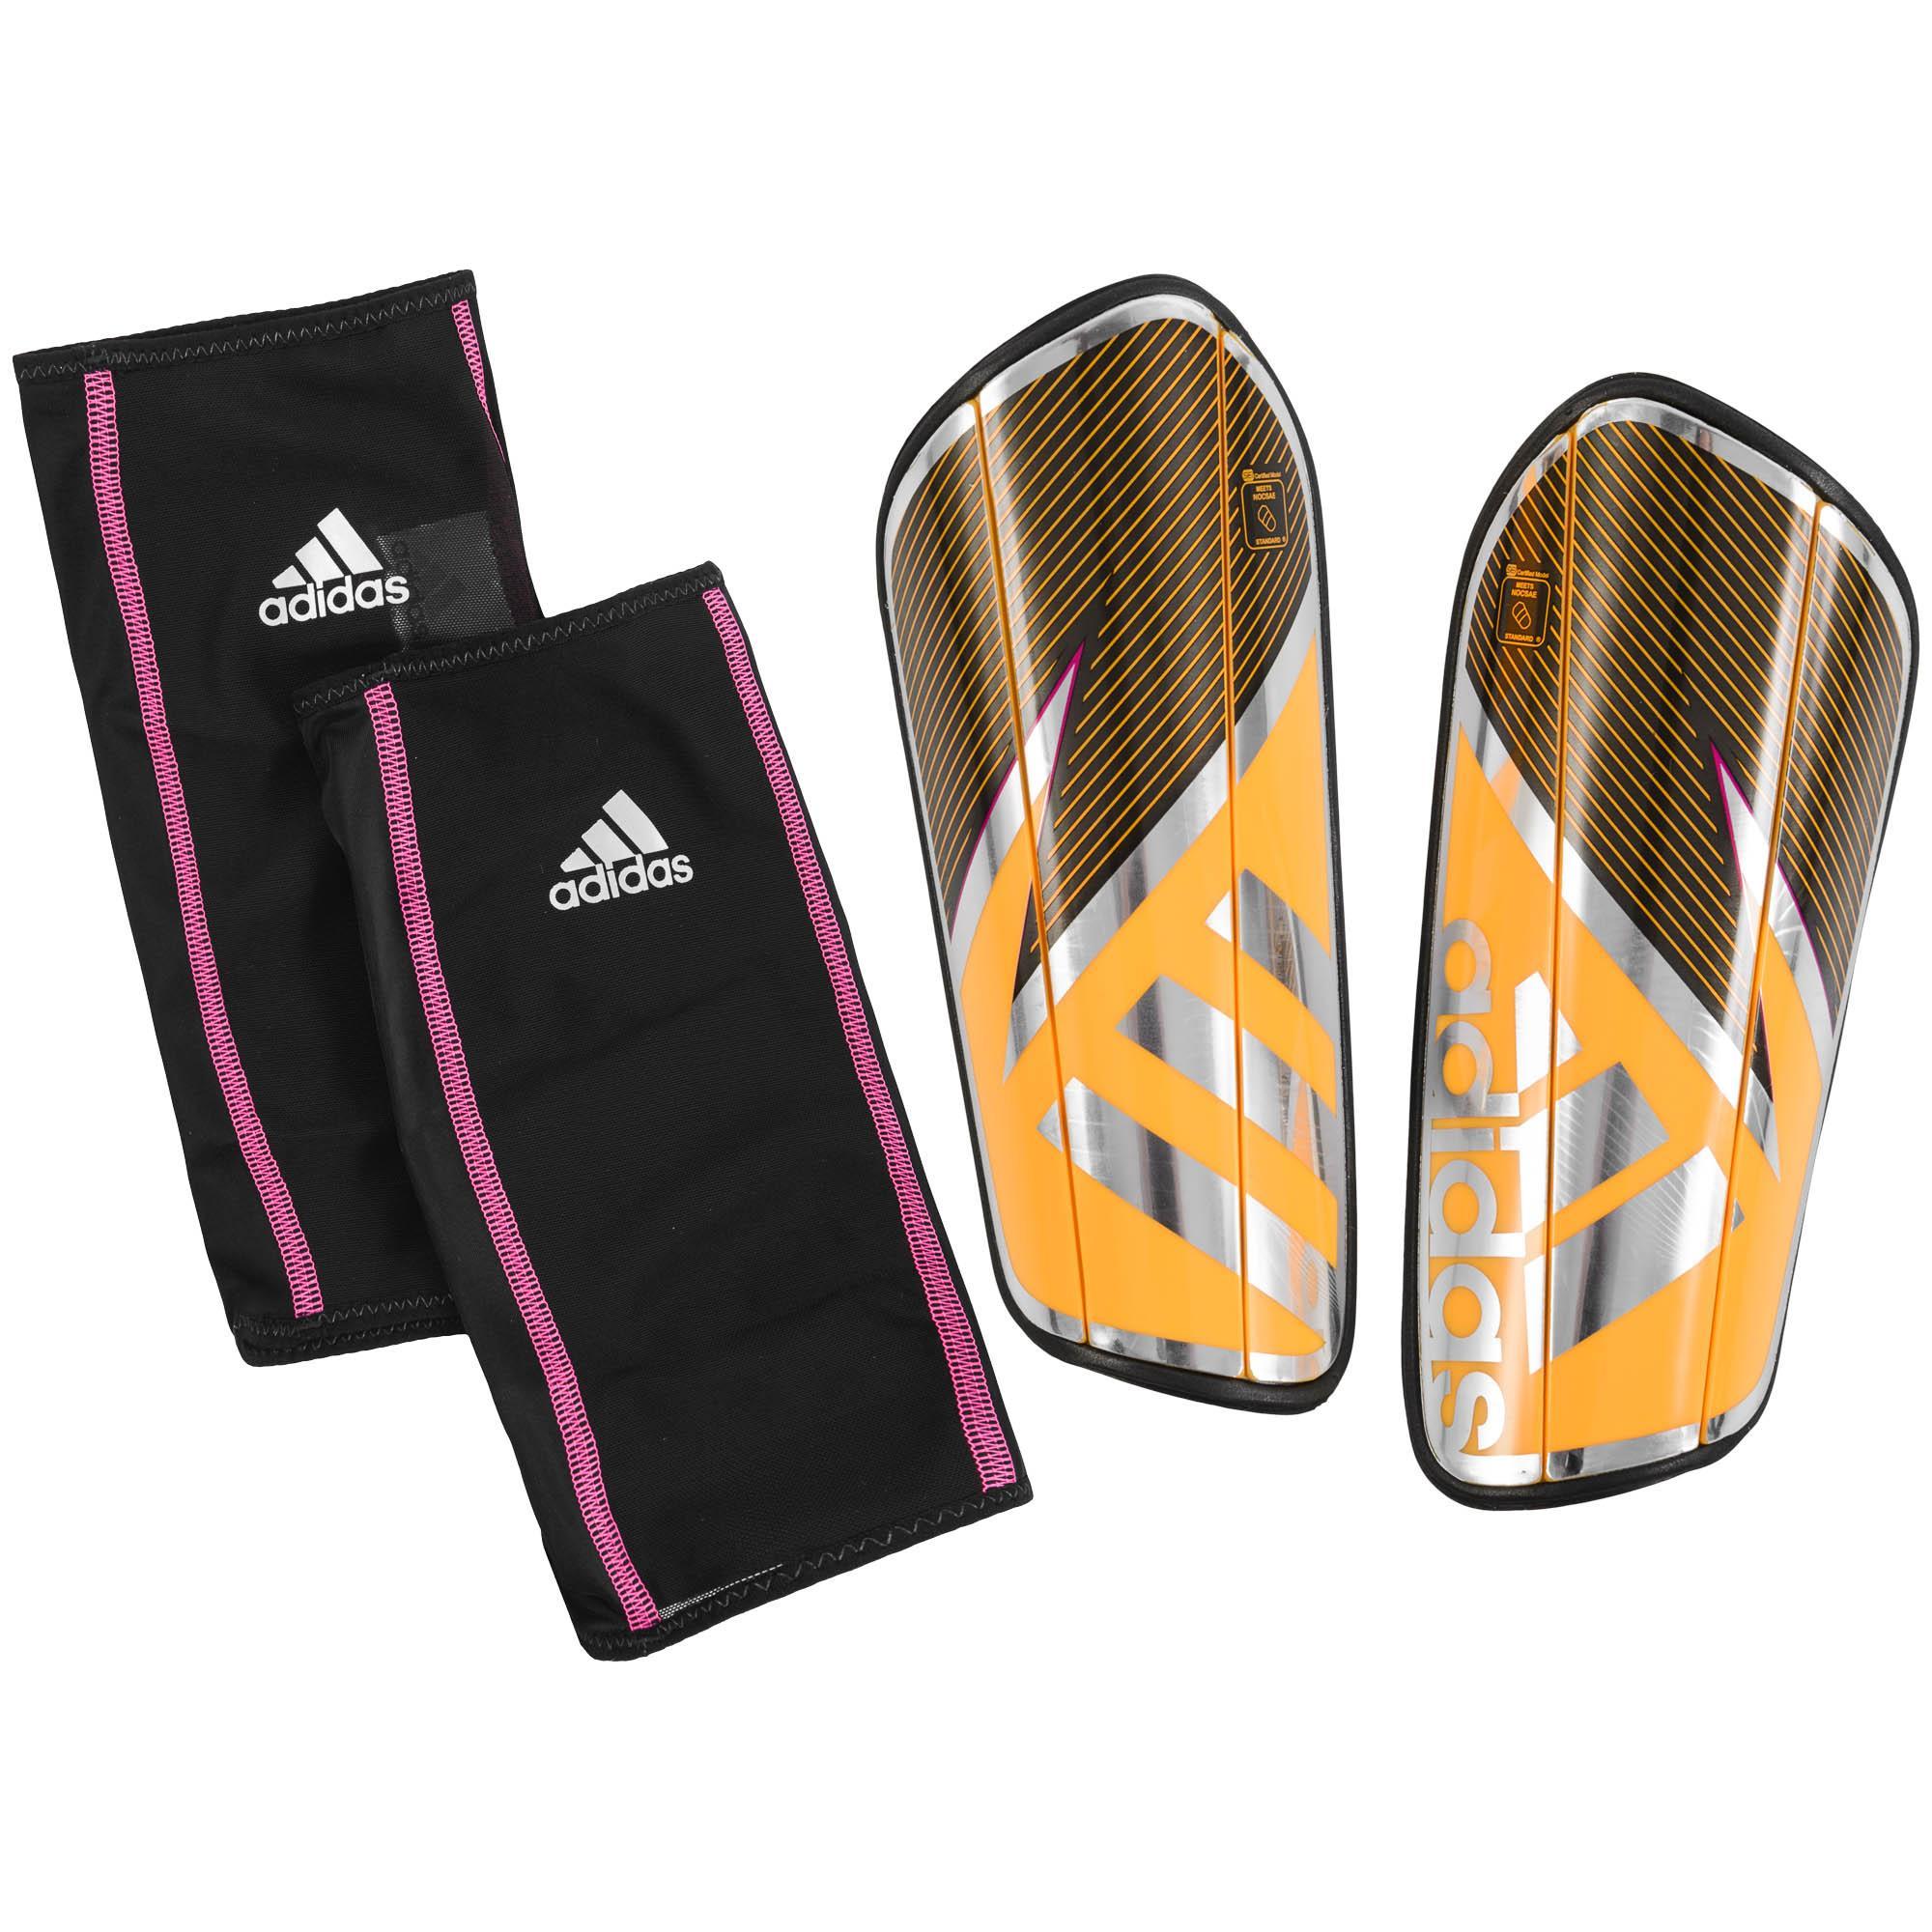 info for 37675 a3669 Adidas Ghost Pro säärisuojat, hinta 20 €